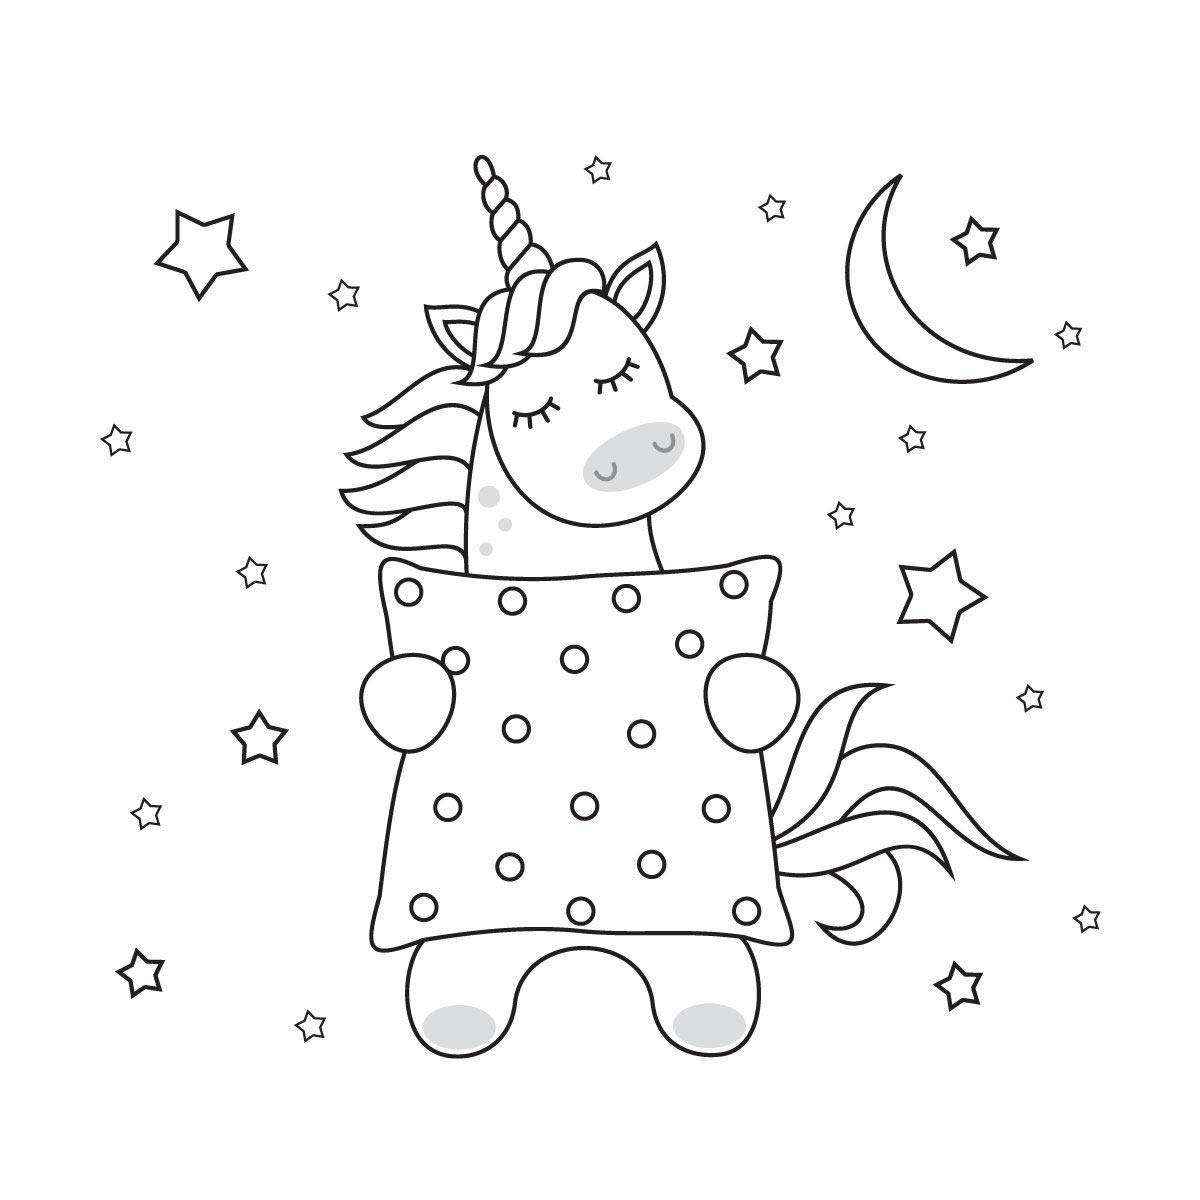 Dibujos Para Colorear Unicornios Kawaii